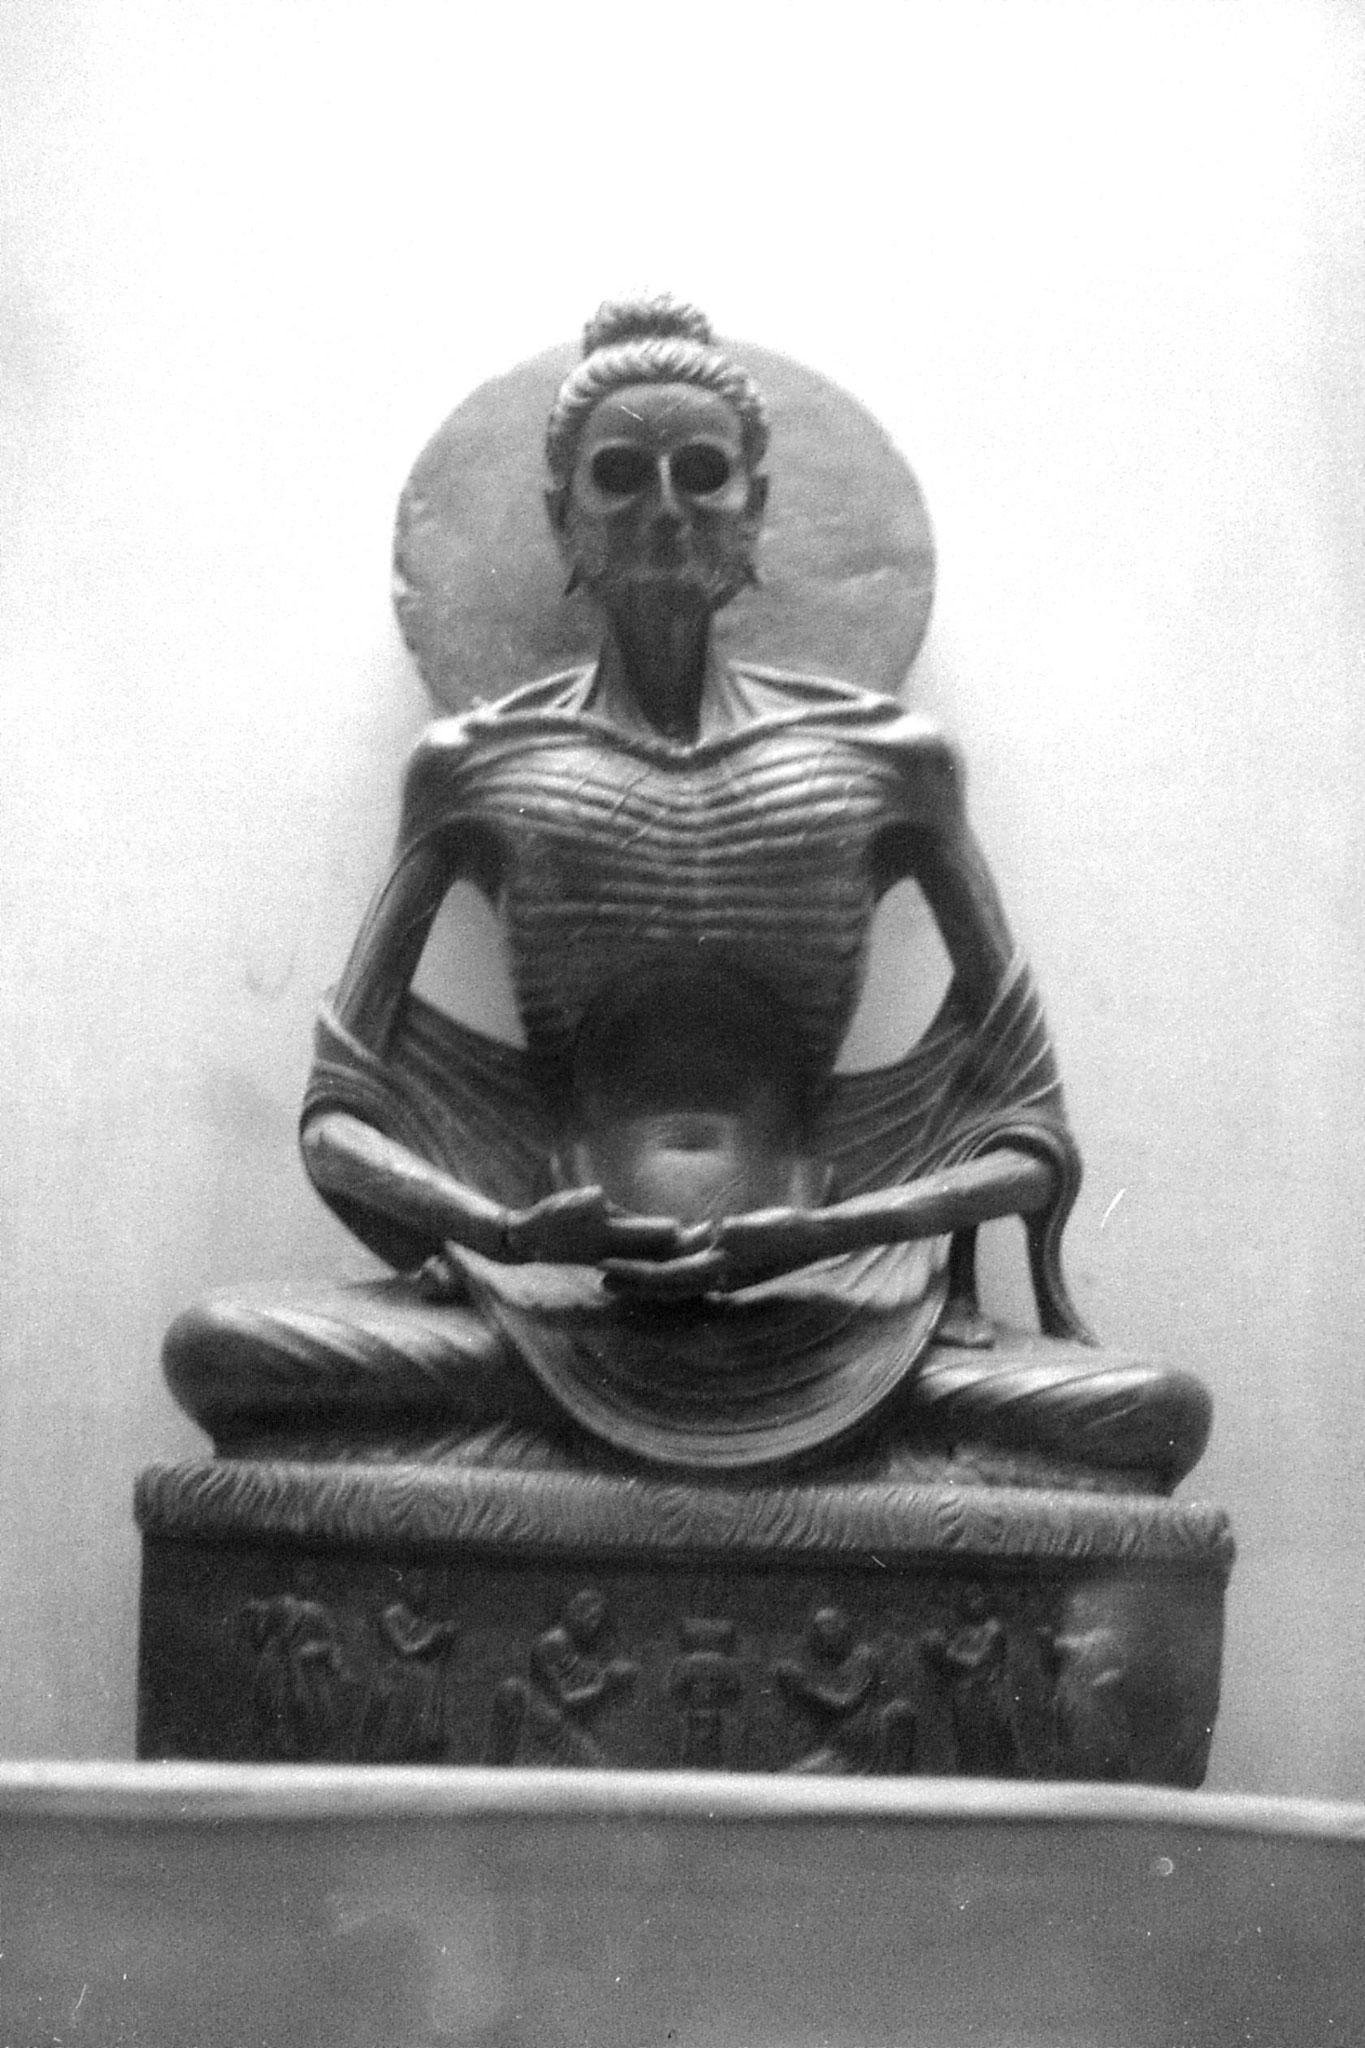 10/11/1989: 37: Lahore museum: fasting Siddhartha